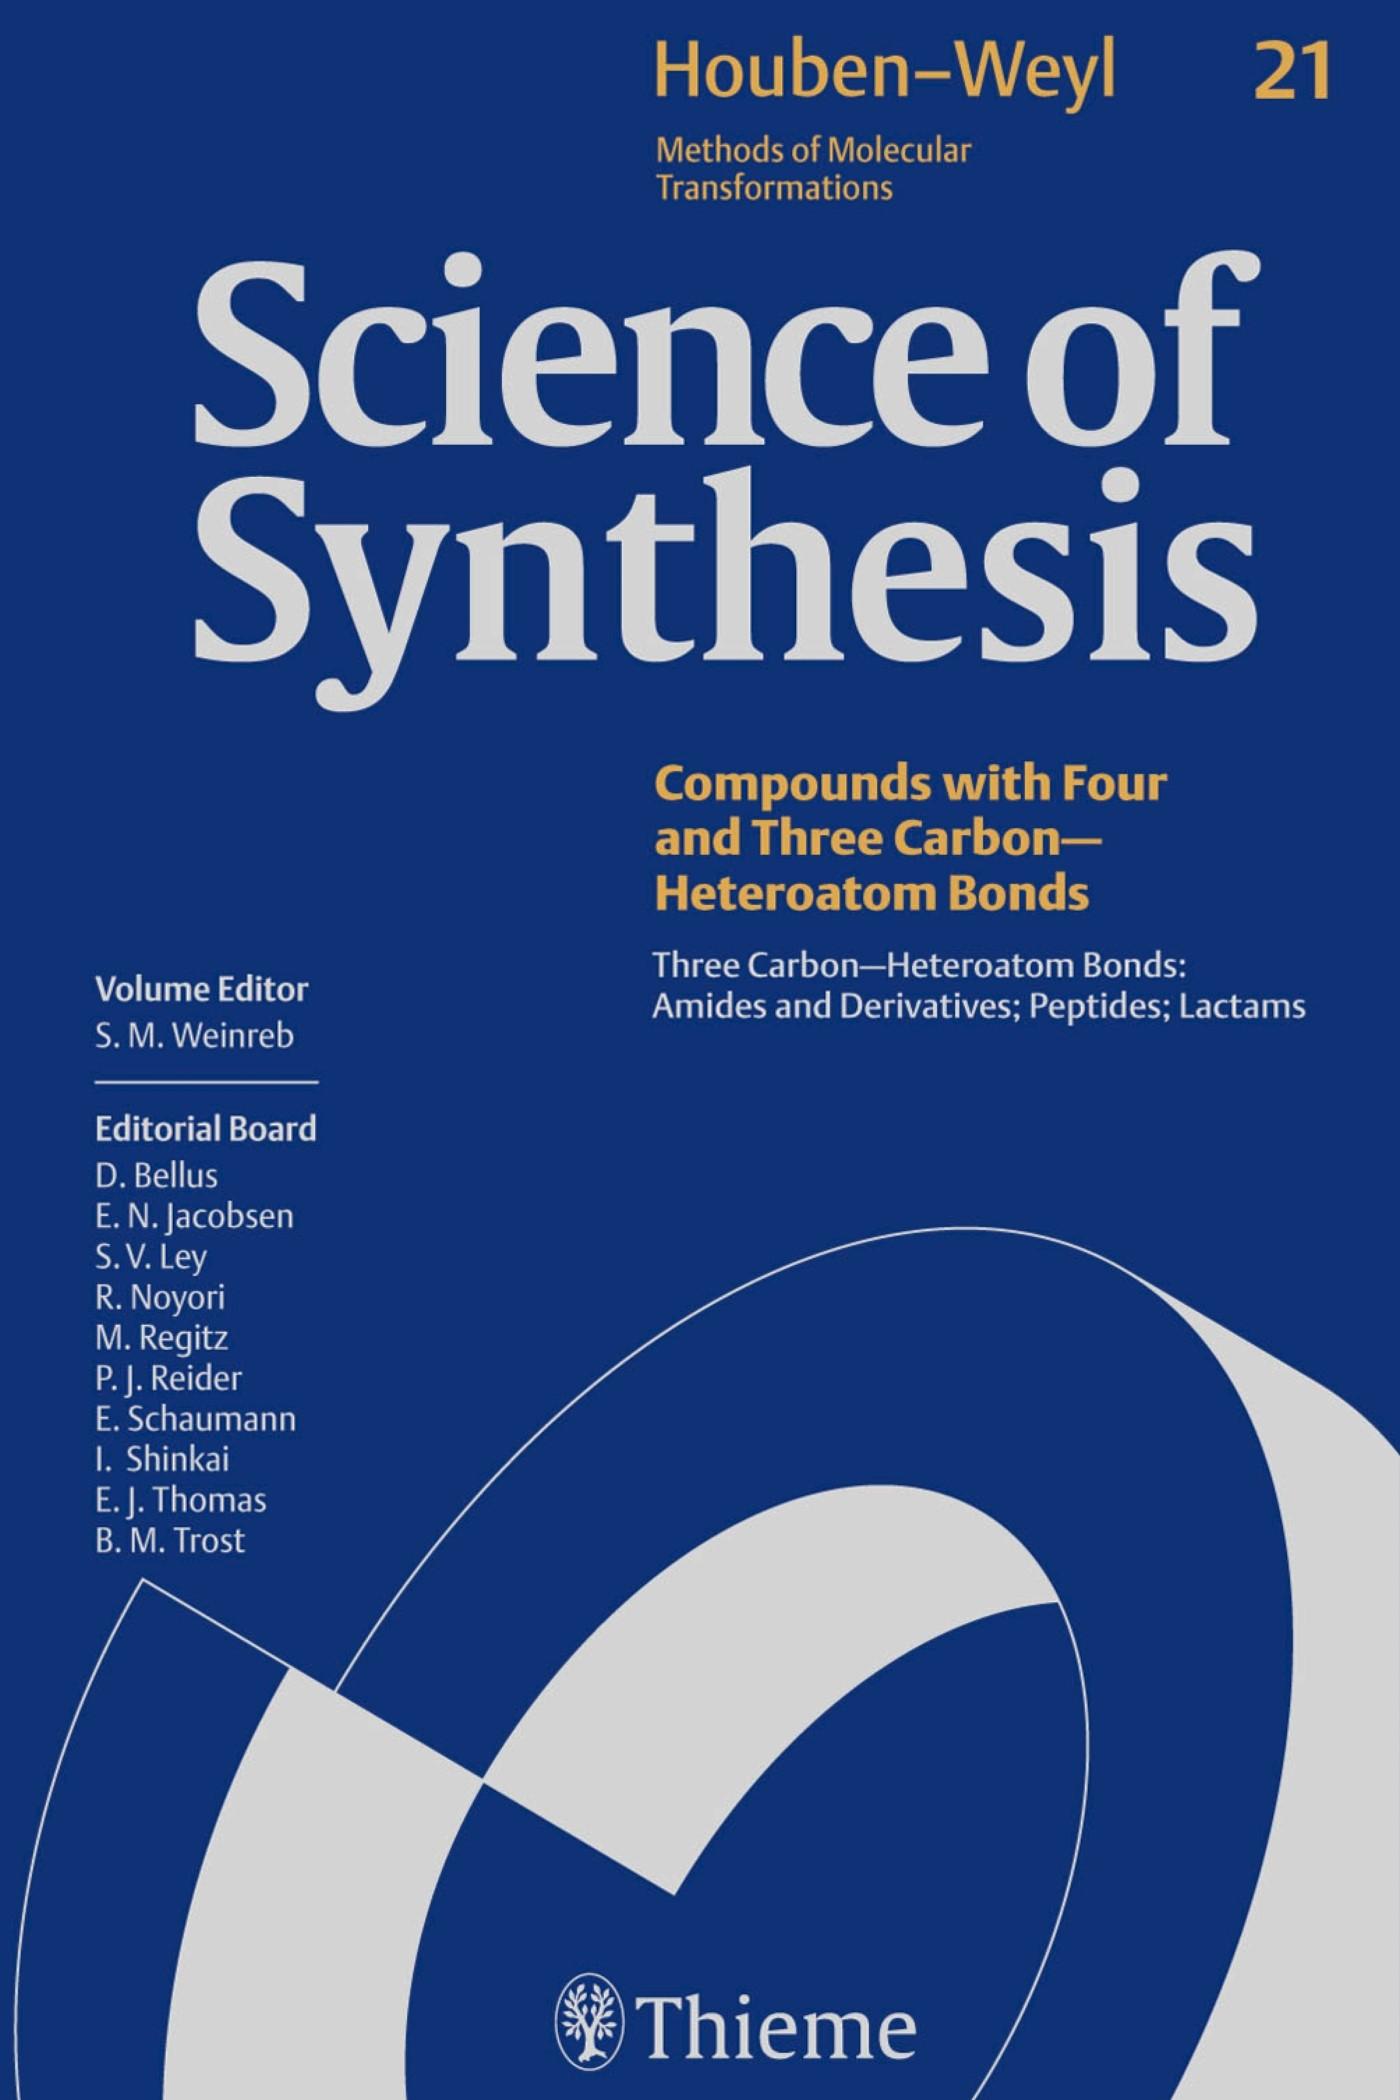 Abbildung von Science of Synthesis: Houben-Weyl Methods of Molecular Transformations Vol. 21   1. Auflage   2005